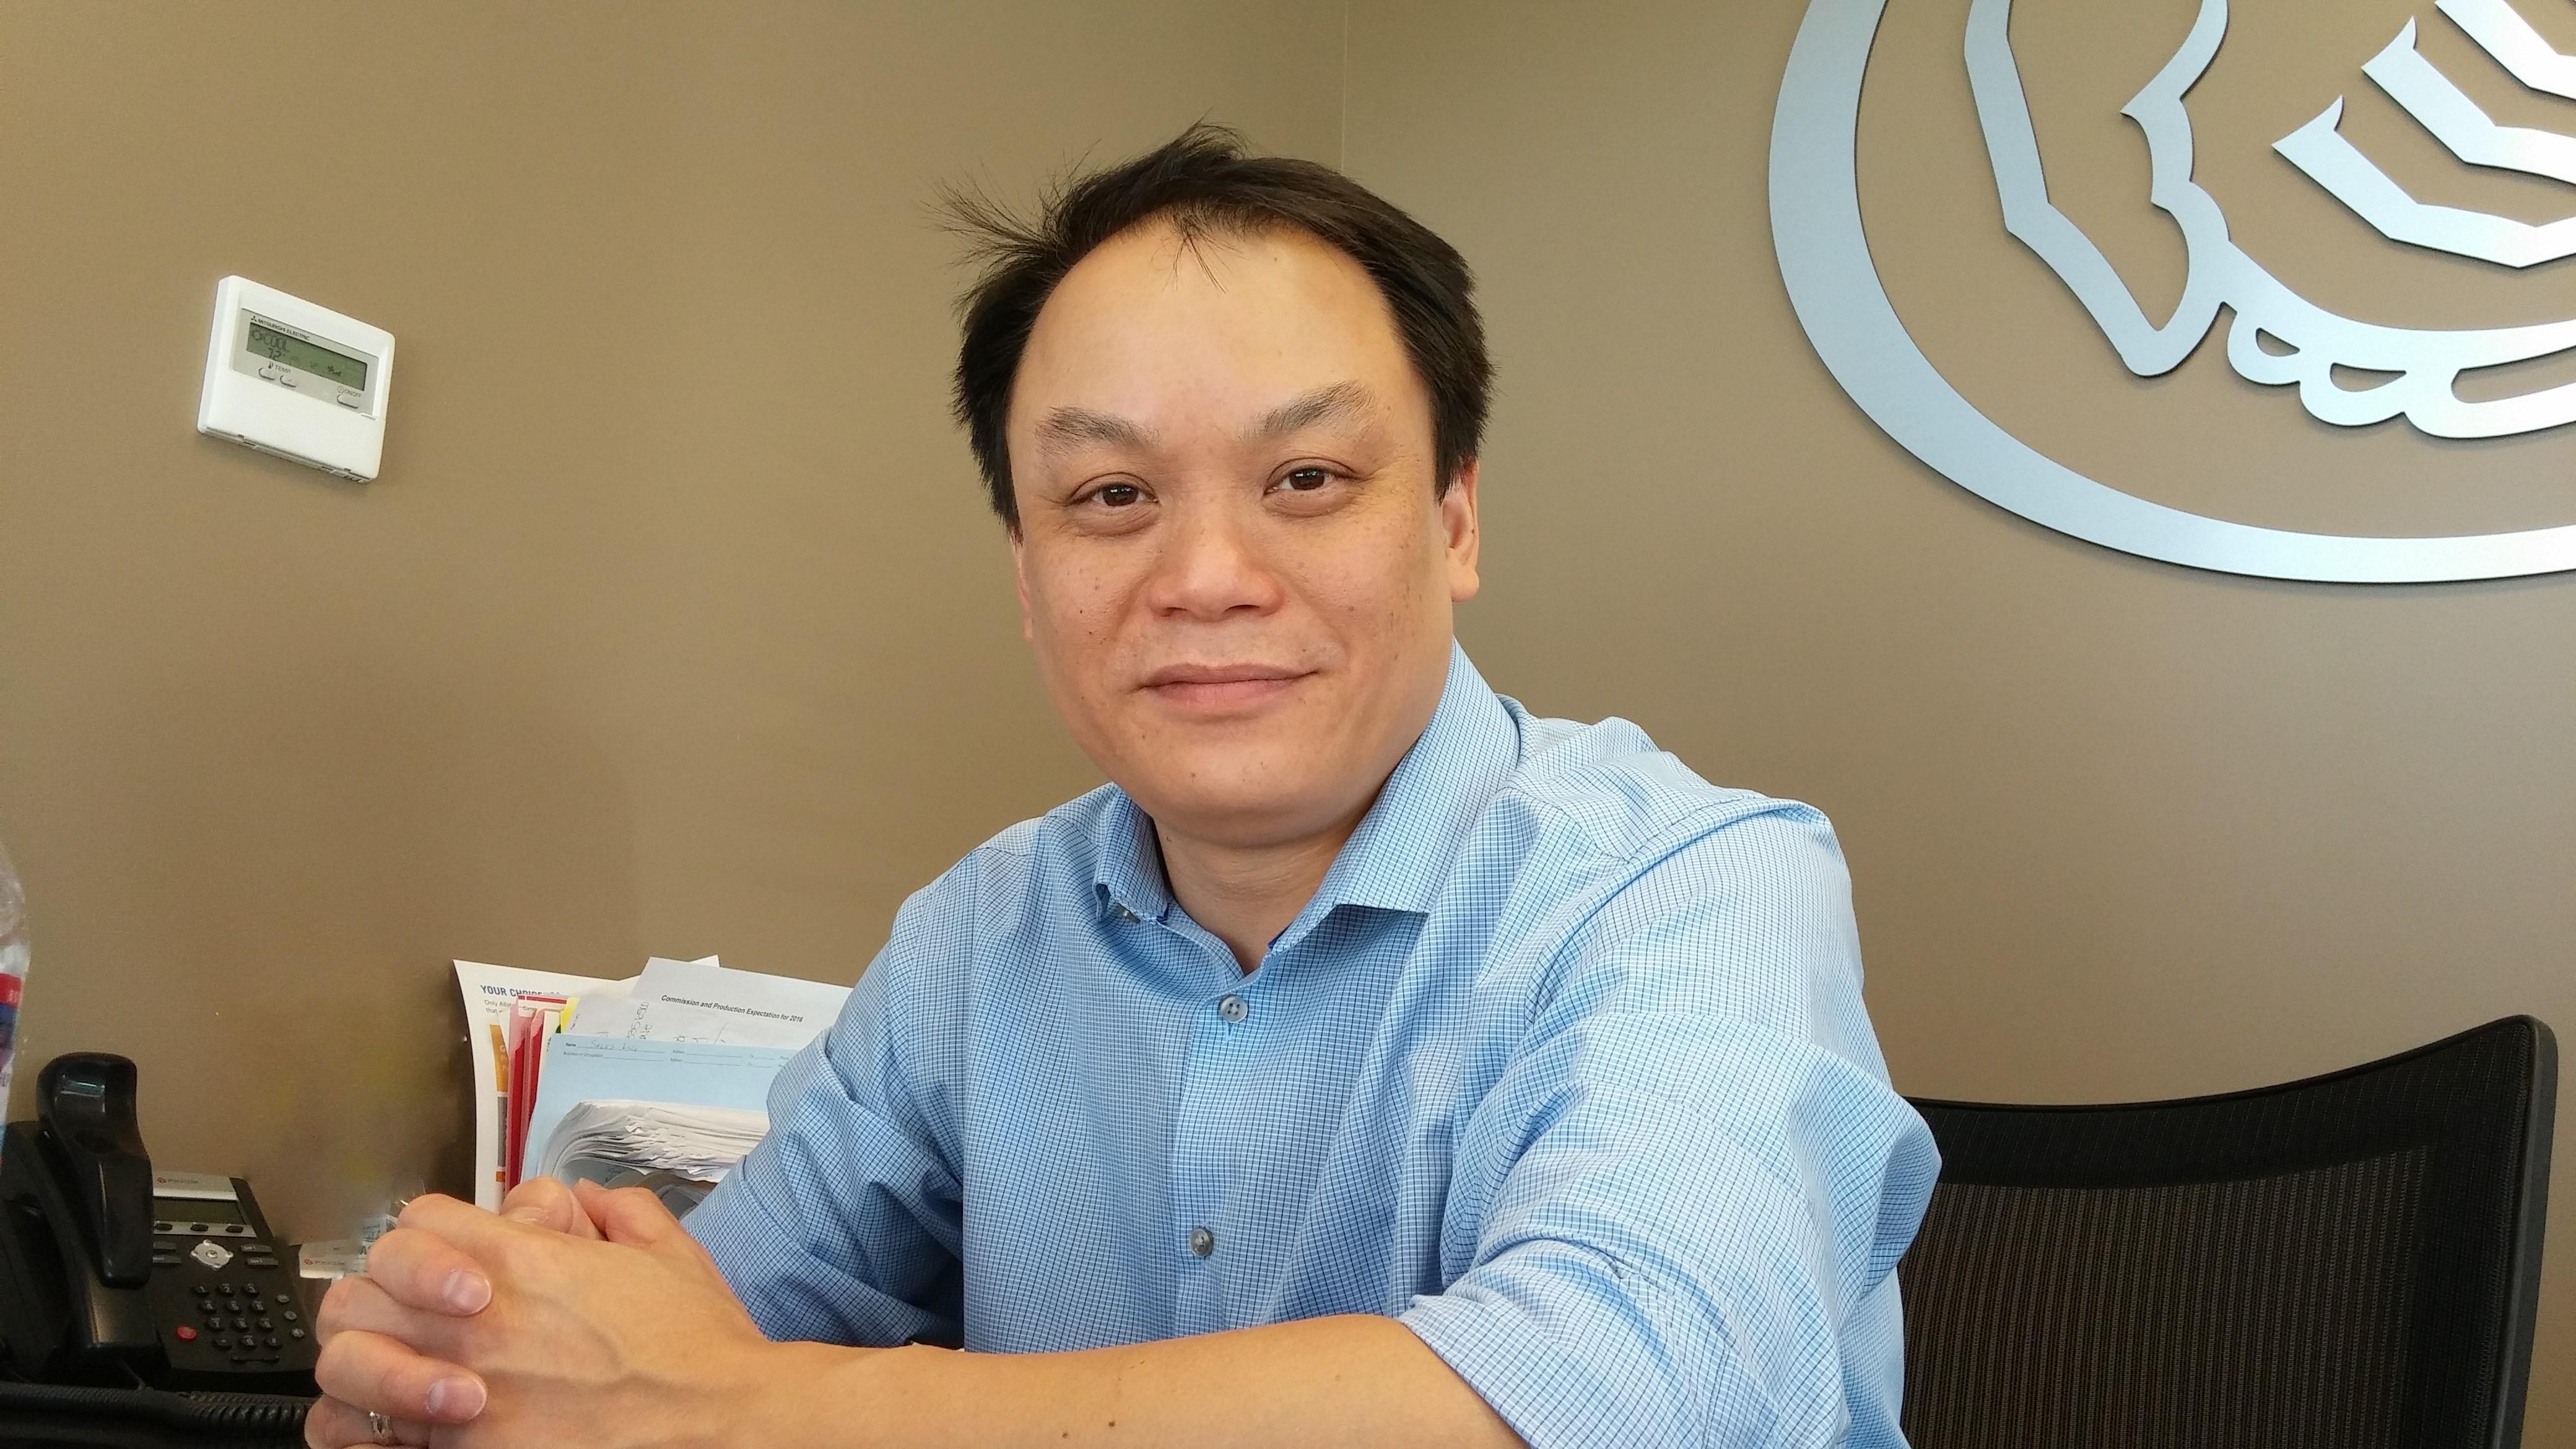 David Ngai